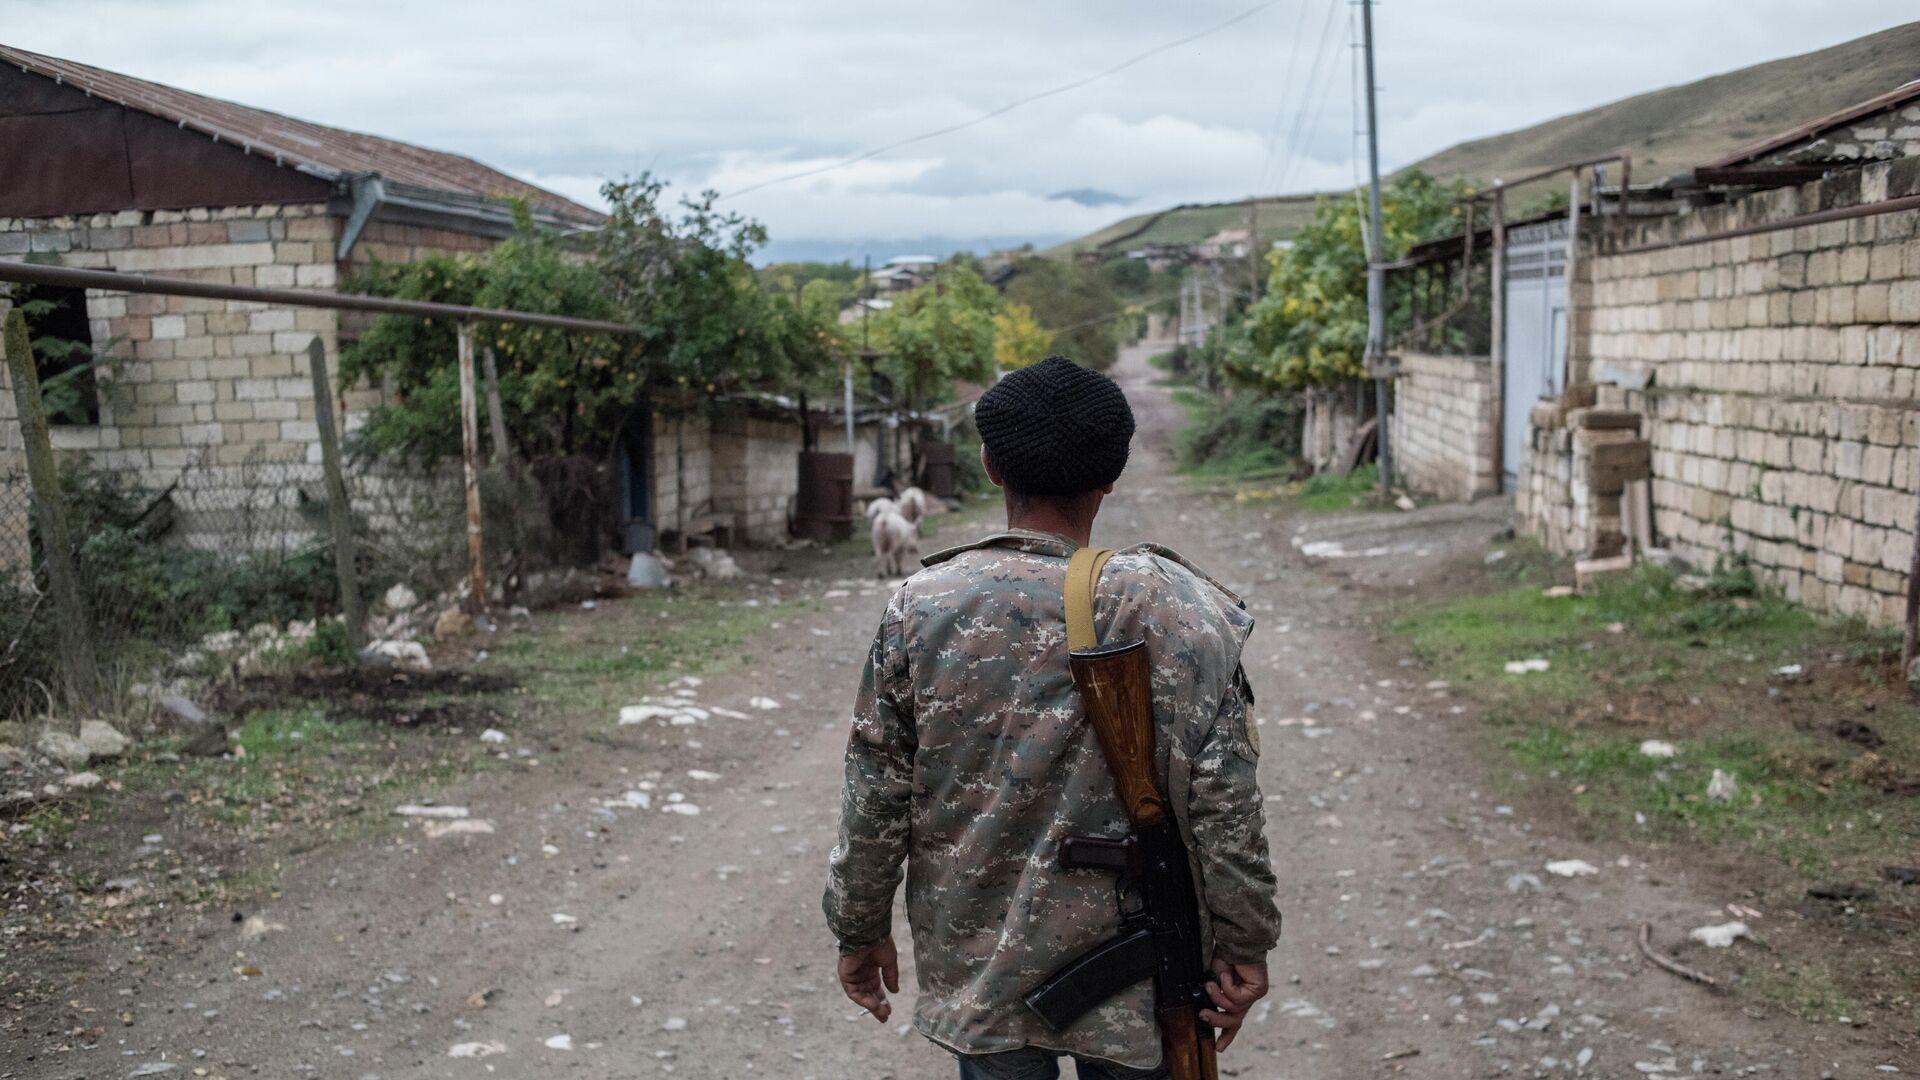 Местный житель в поселке Храморт в Нагорном Карабахе - РИА Новости, 1920, 23.10.2020